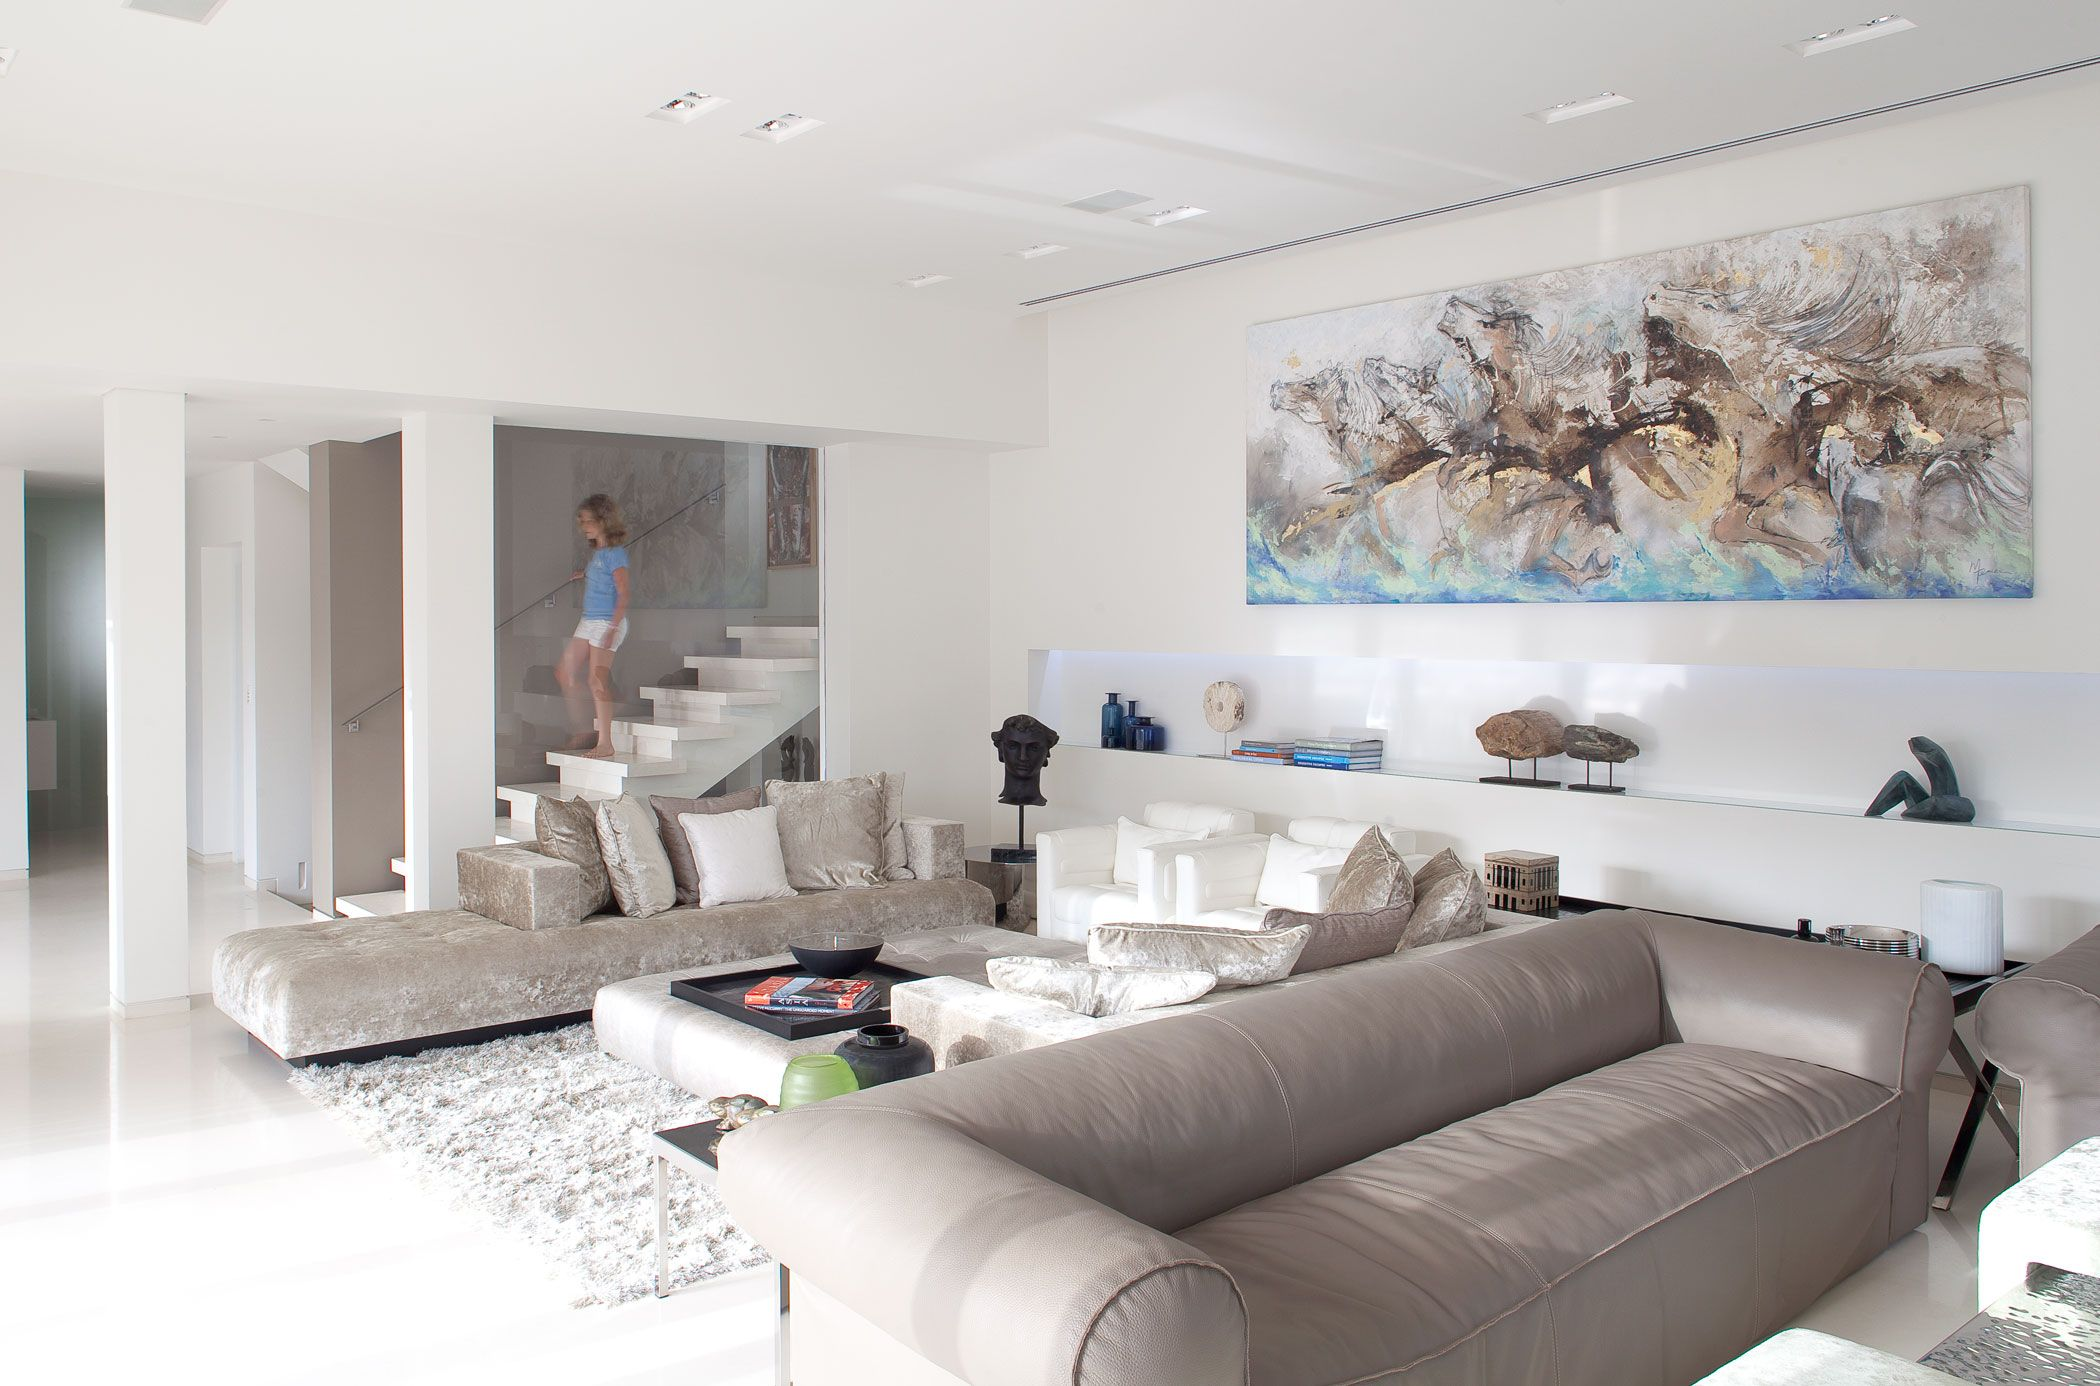 Entzuckend 70 Moderne, Innovative Luxus Interieur Ideen Fürs Wohnzimmer   Ledersofa  Samtsofa Weiss Ausstattung Design Wohnbereich